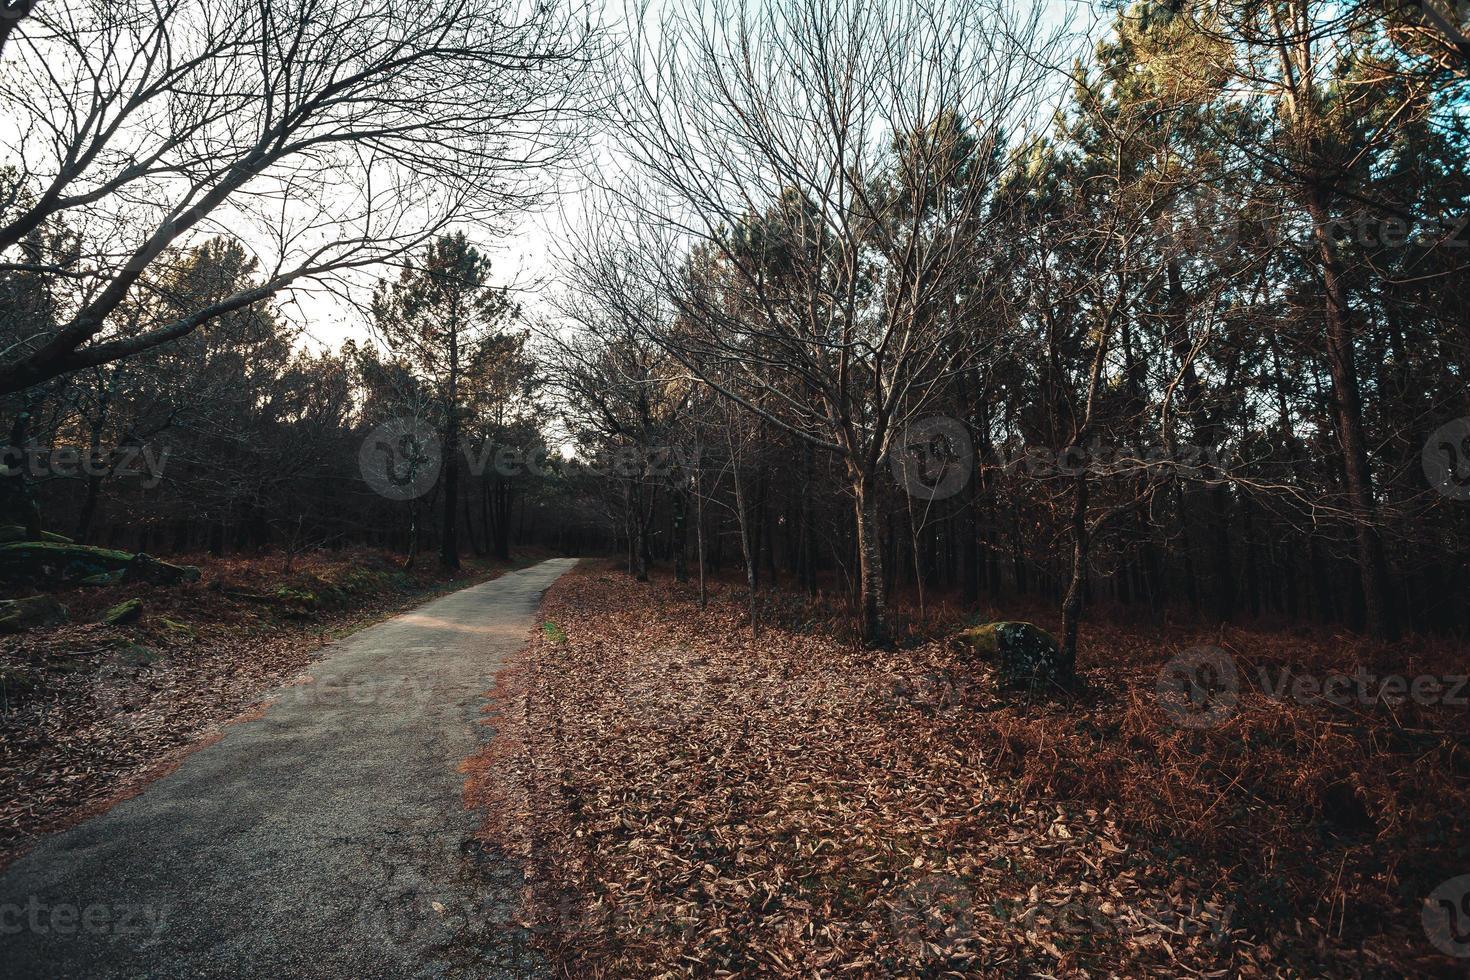 Straße durch den Wald während eines Herbsttages mit Kopierraum foto